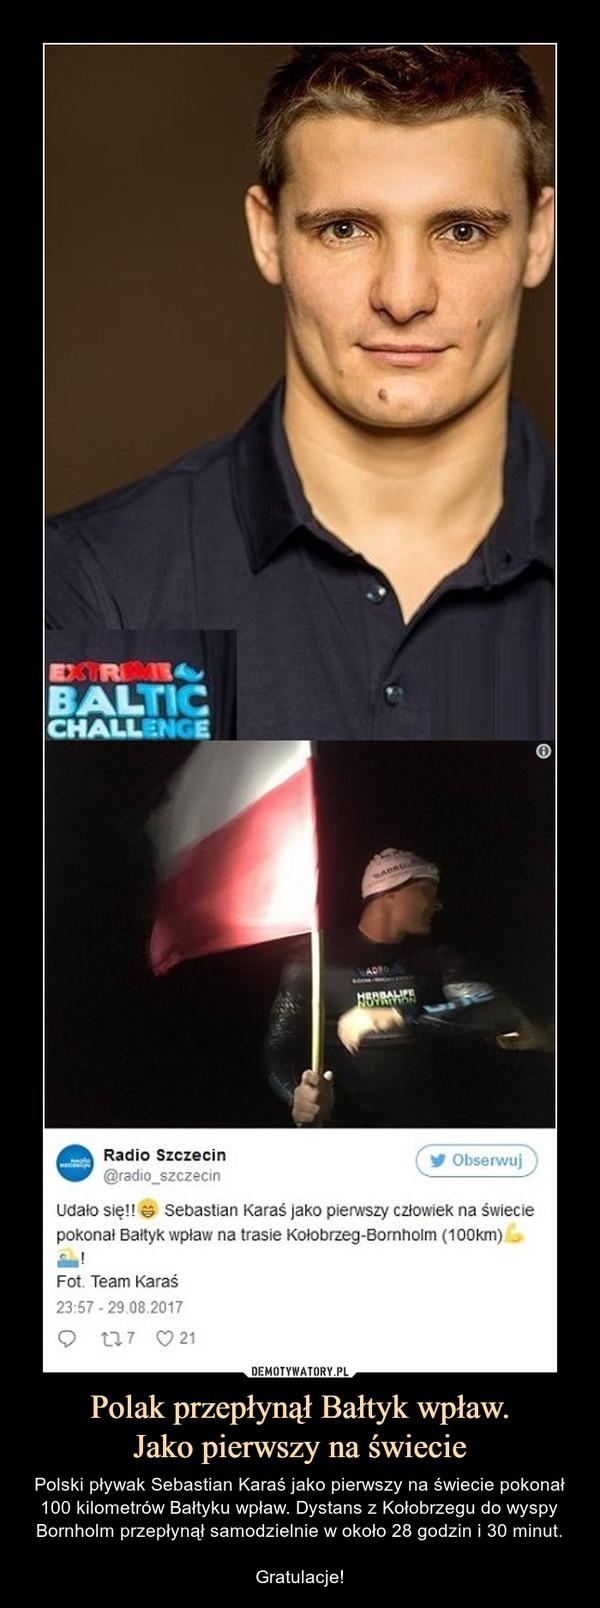 Polak przepłynął Bałtyk wpław.Jako pierwszy na świecie – Polski pływak Sebastian Karaś jako pierwszy na świecie pokonał 100 kilometrów Bałtyku wpław. Dystans z Kołobrzegu do wyspy Bornholm przepłynął samodzielnie w około 28 godzin i 30 minut.Gratulacje! Radio Szczecin Udało się! Sebastian Karaś jako pierwszy człowiek na świecie pokonał Bałtyk wpław na trasie Kołobrzeg Bornholm 100km fot. Team Karaś